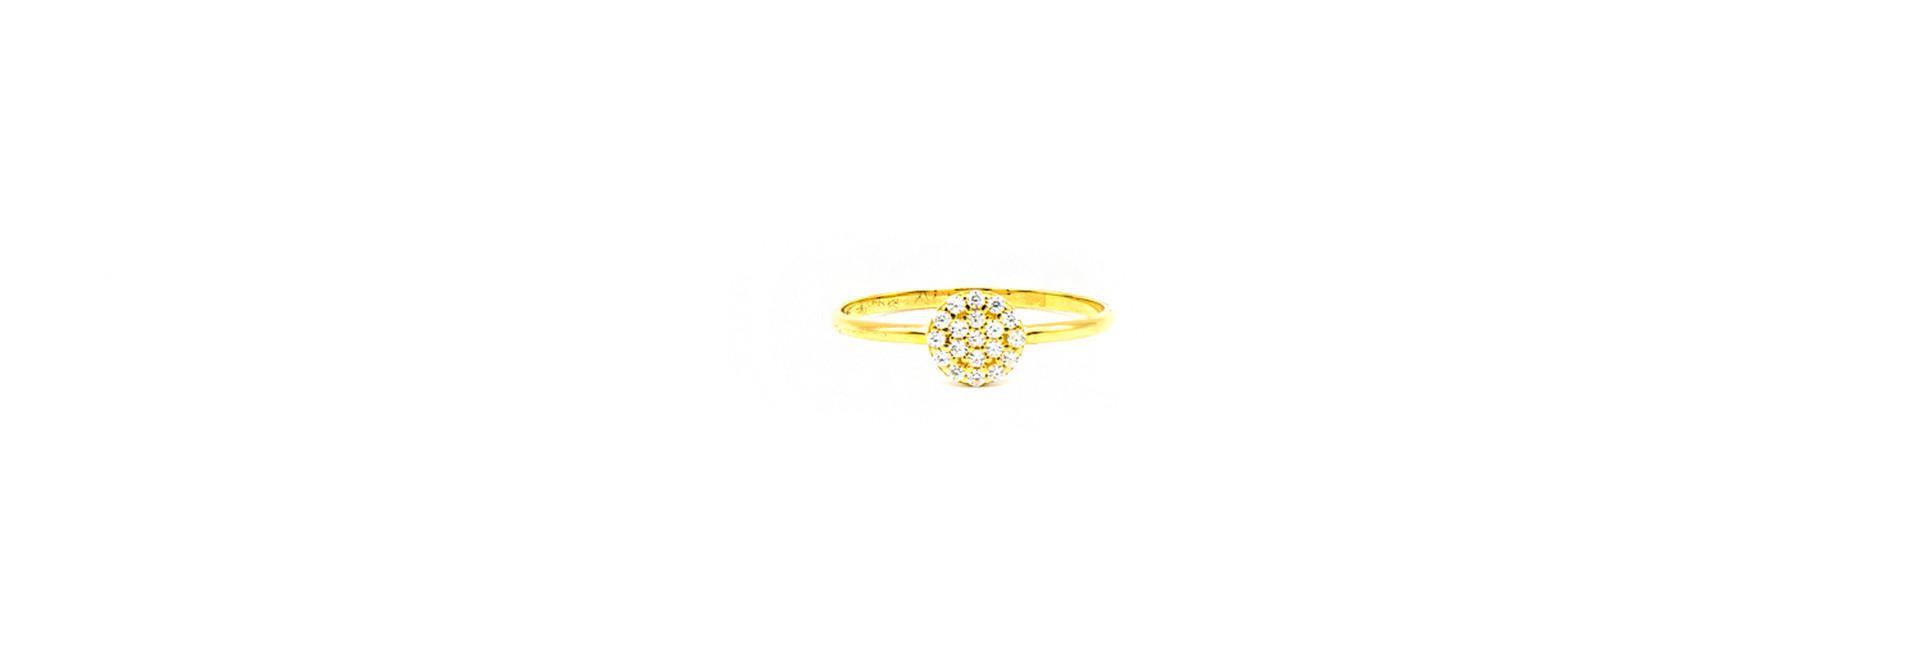 Ring ronde pavé bezet met zirkonia's small